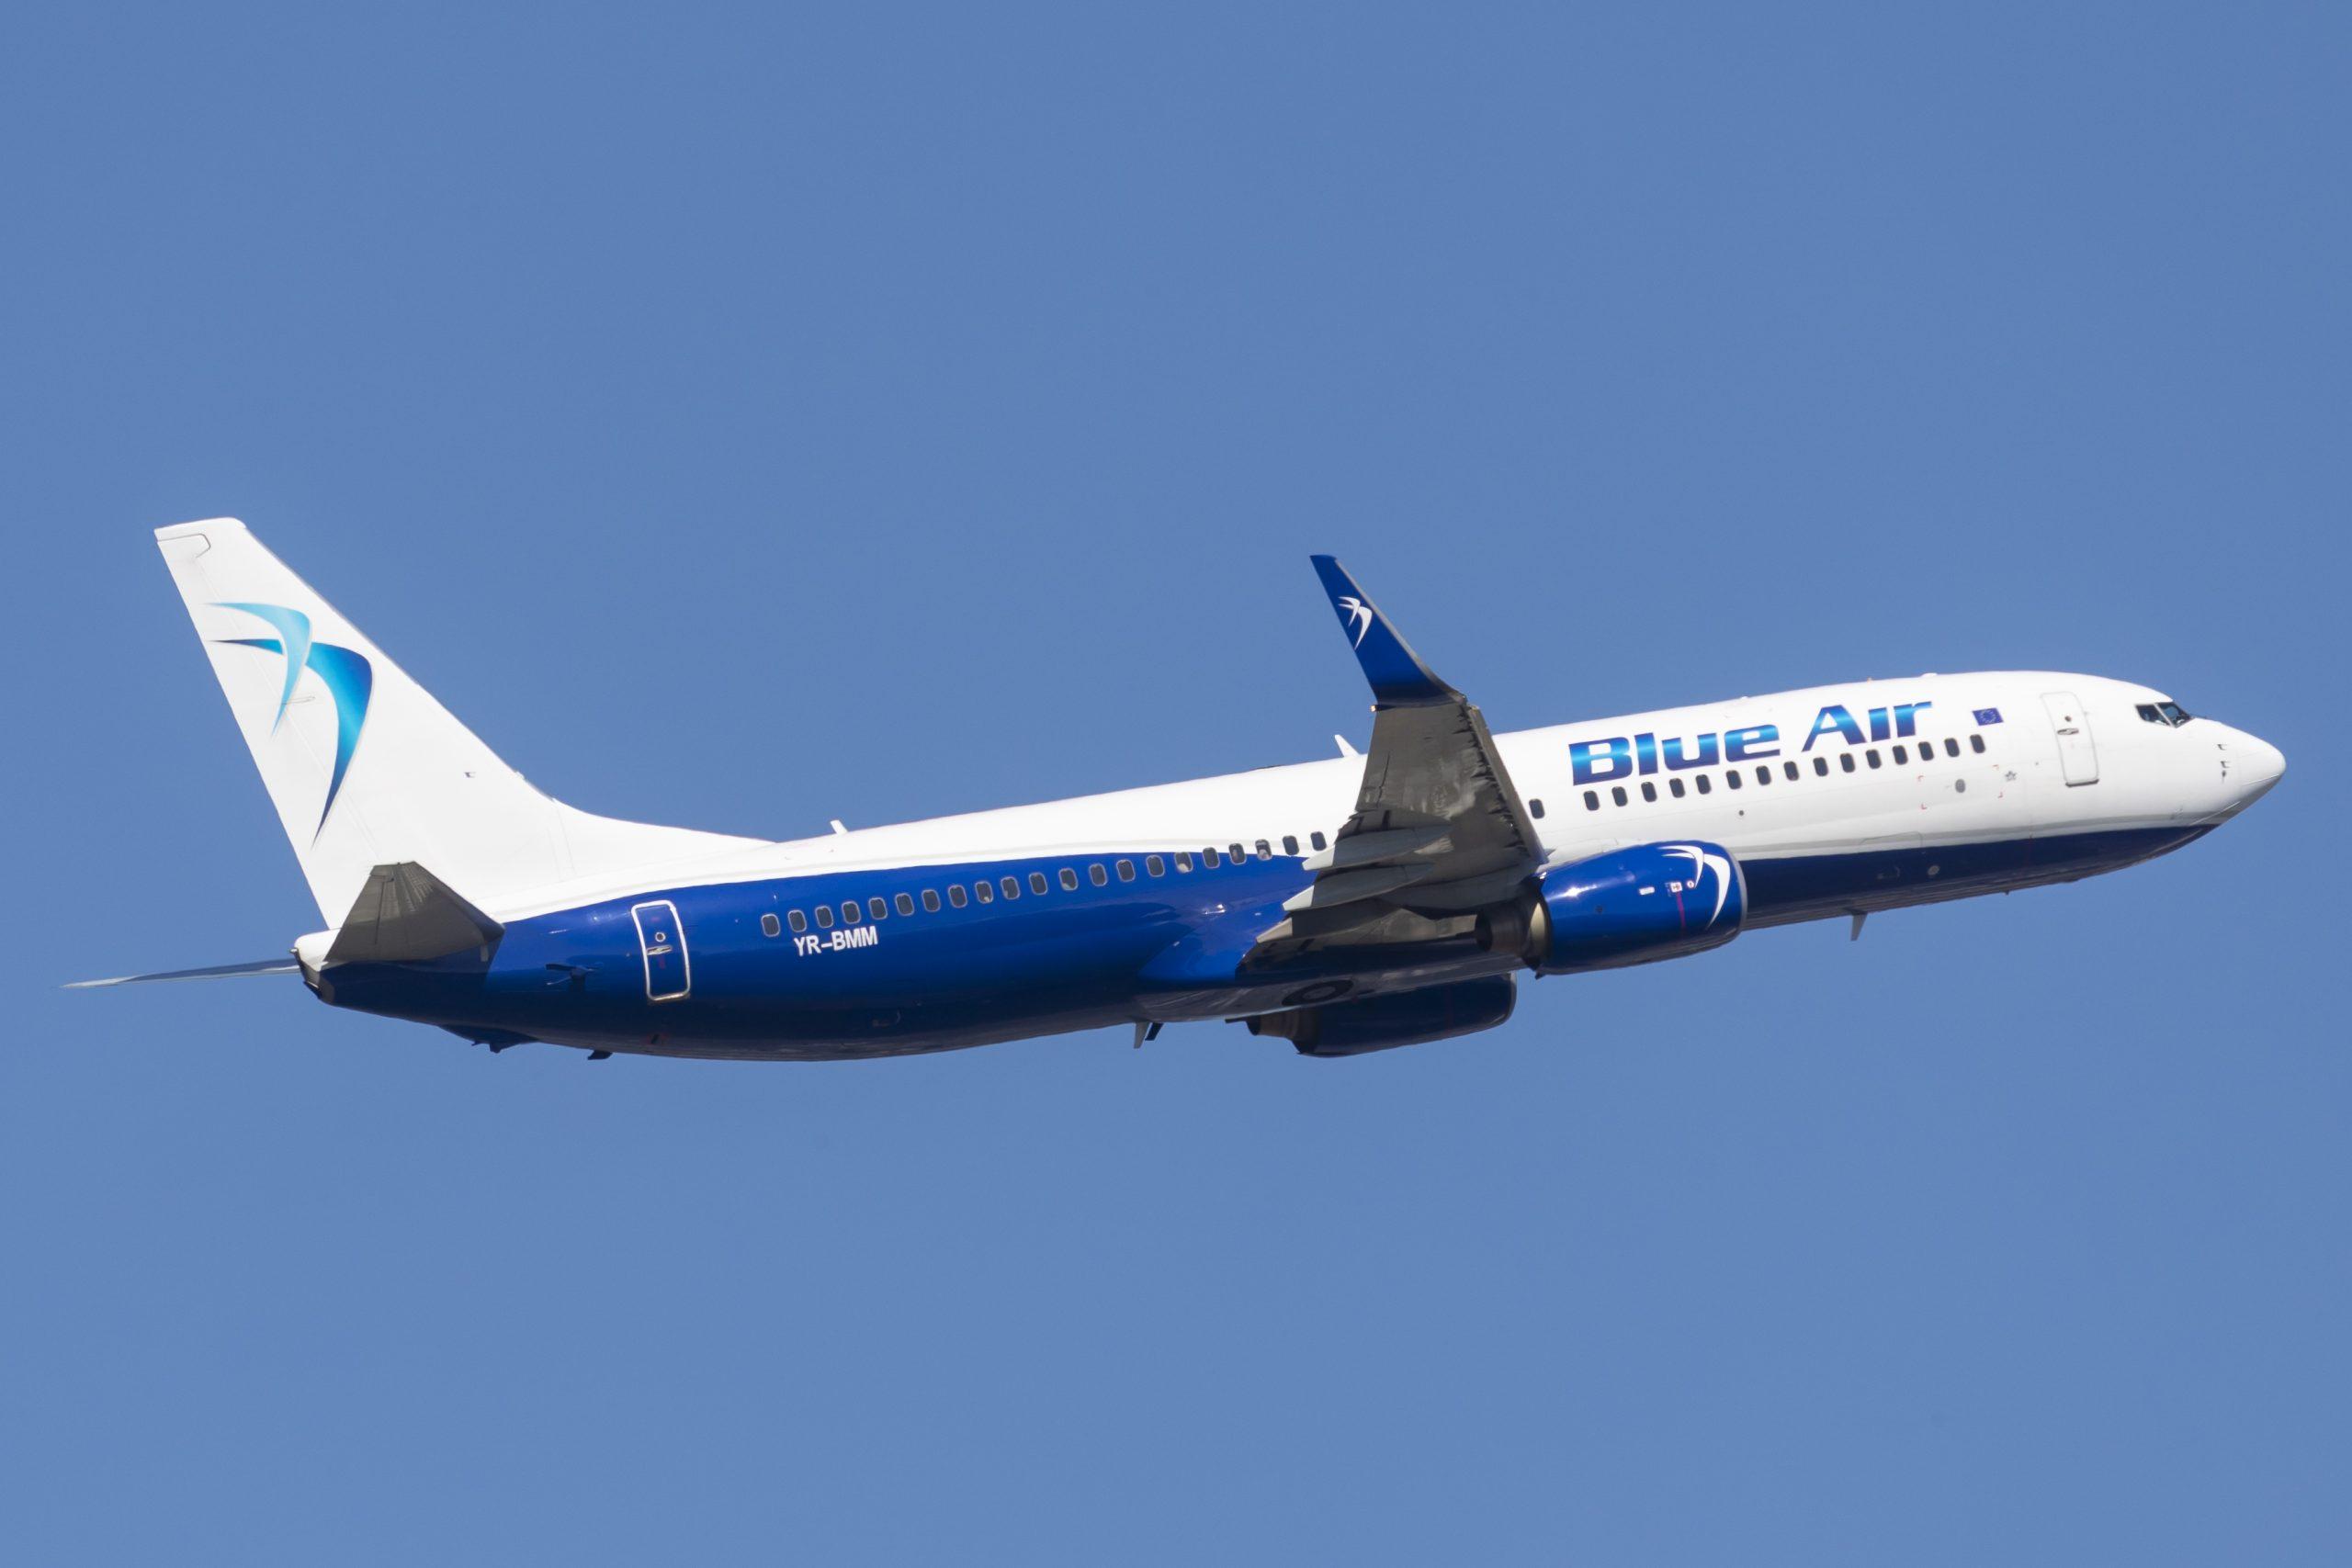 En Boeing 737-800 fra det rumænske lavprisflyselskab Blue Air. Foto: © Thorbjørn Brunander Sund, Danish Aviation Photo